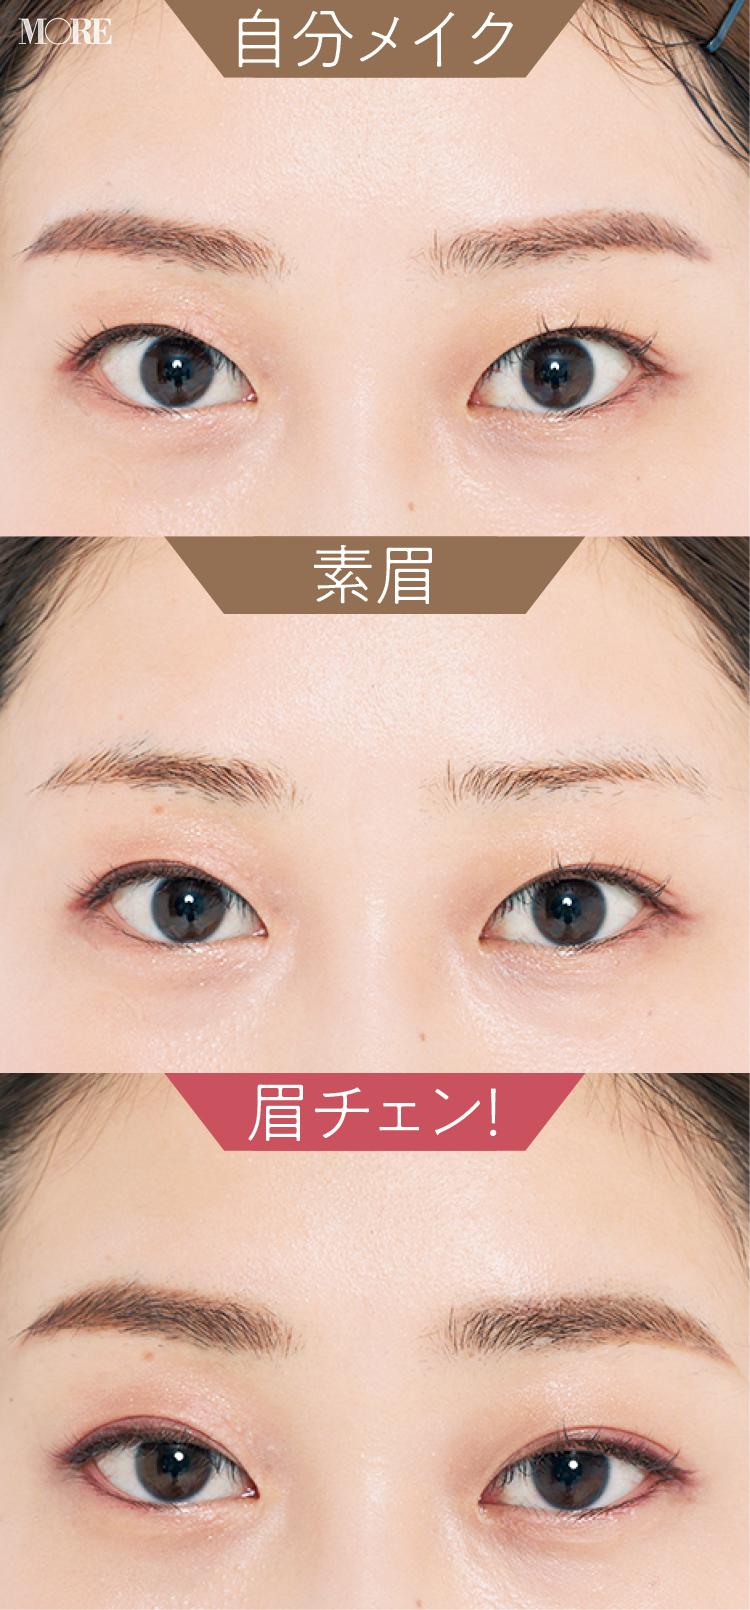 眉毛の整え方特集 -【世界一正しい眉のお手入れ法】など、眉迷子のための眉メイクの基本まとめ_64